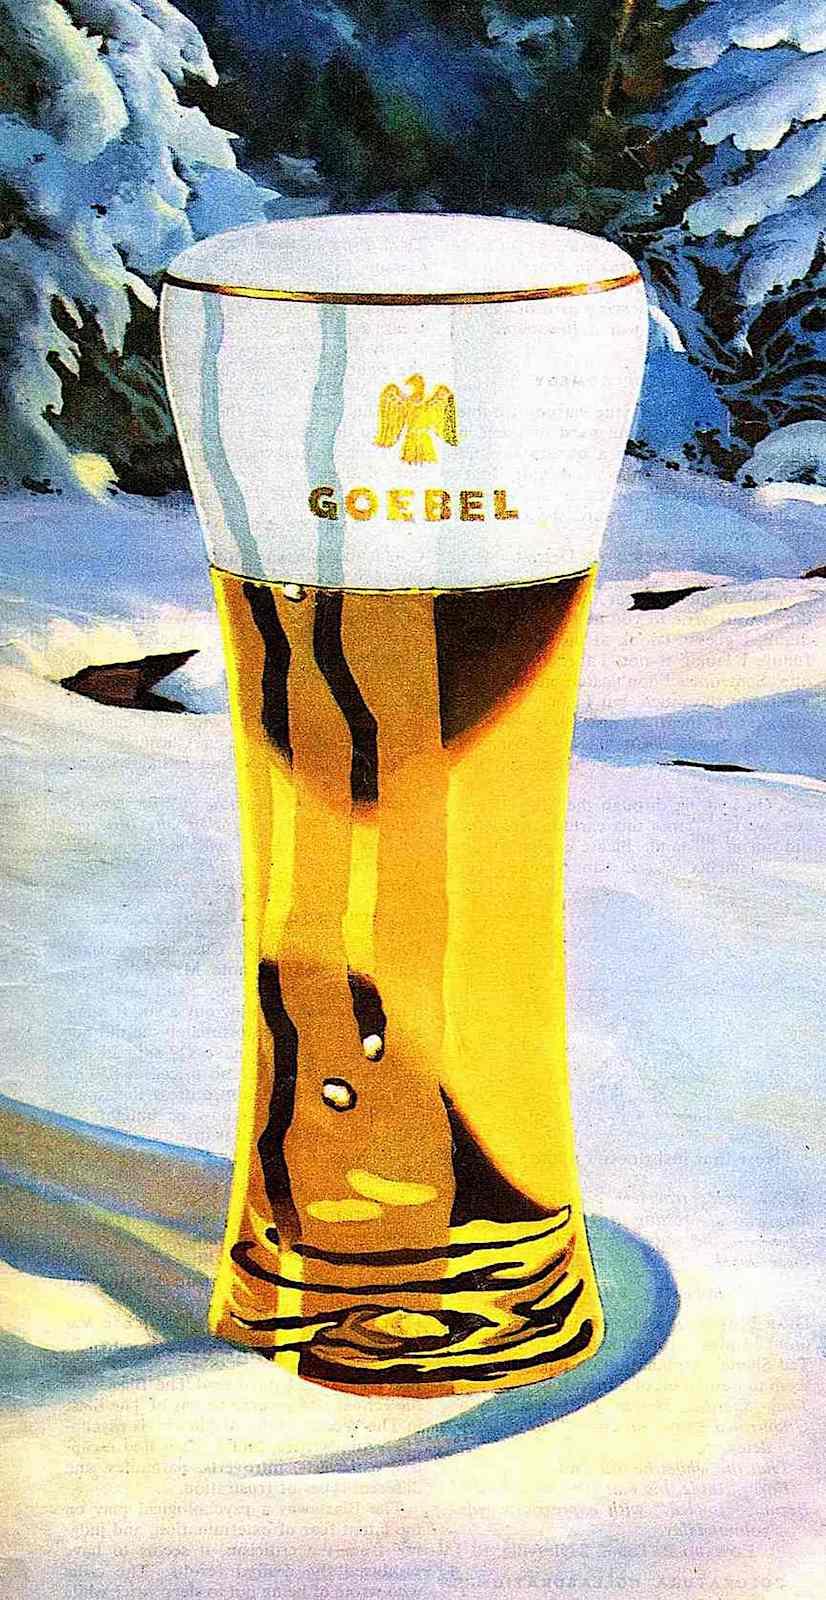 a 1947 George Shepherd illustration of Goebel Beer